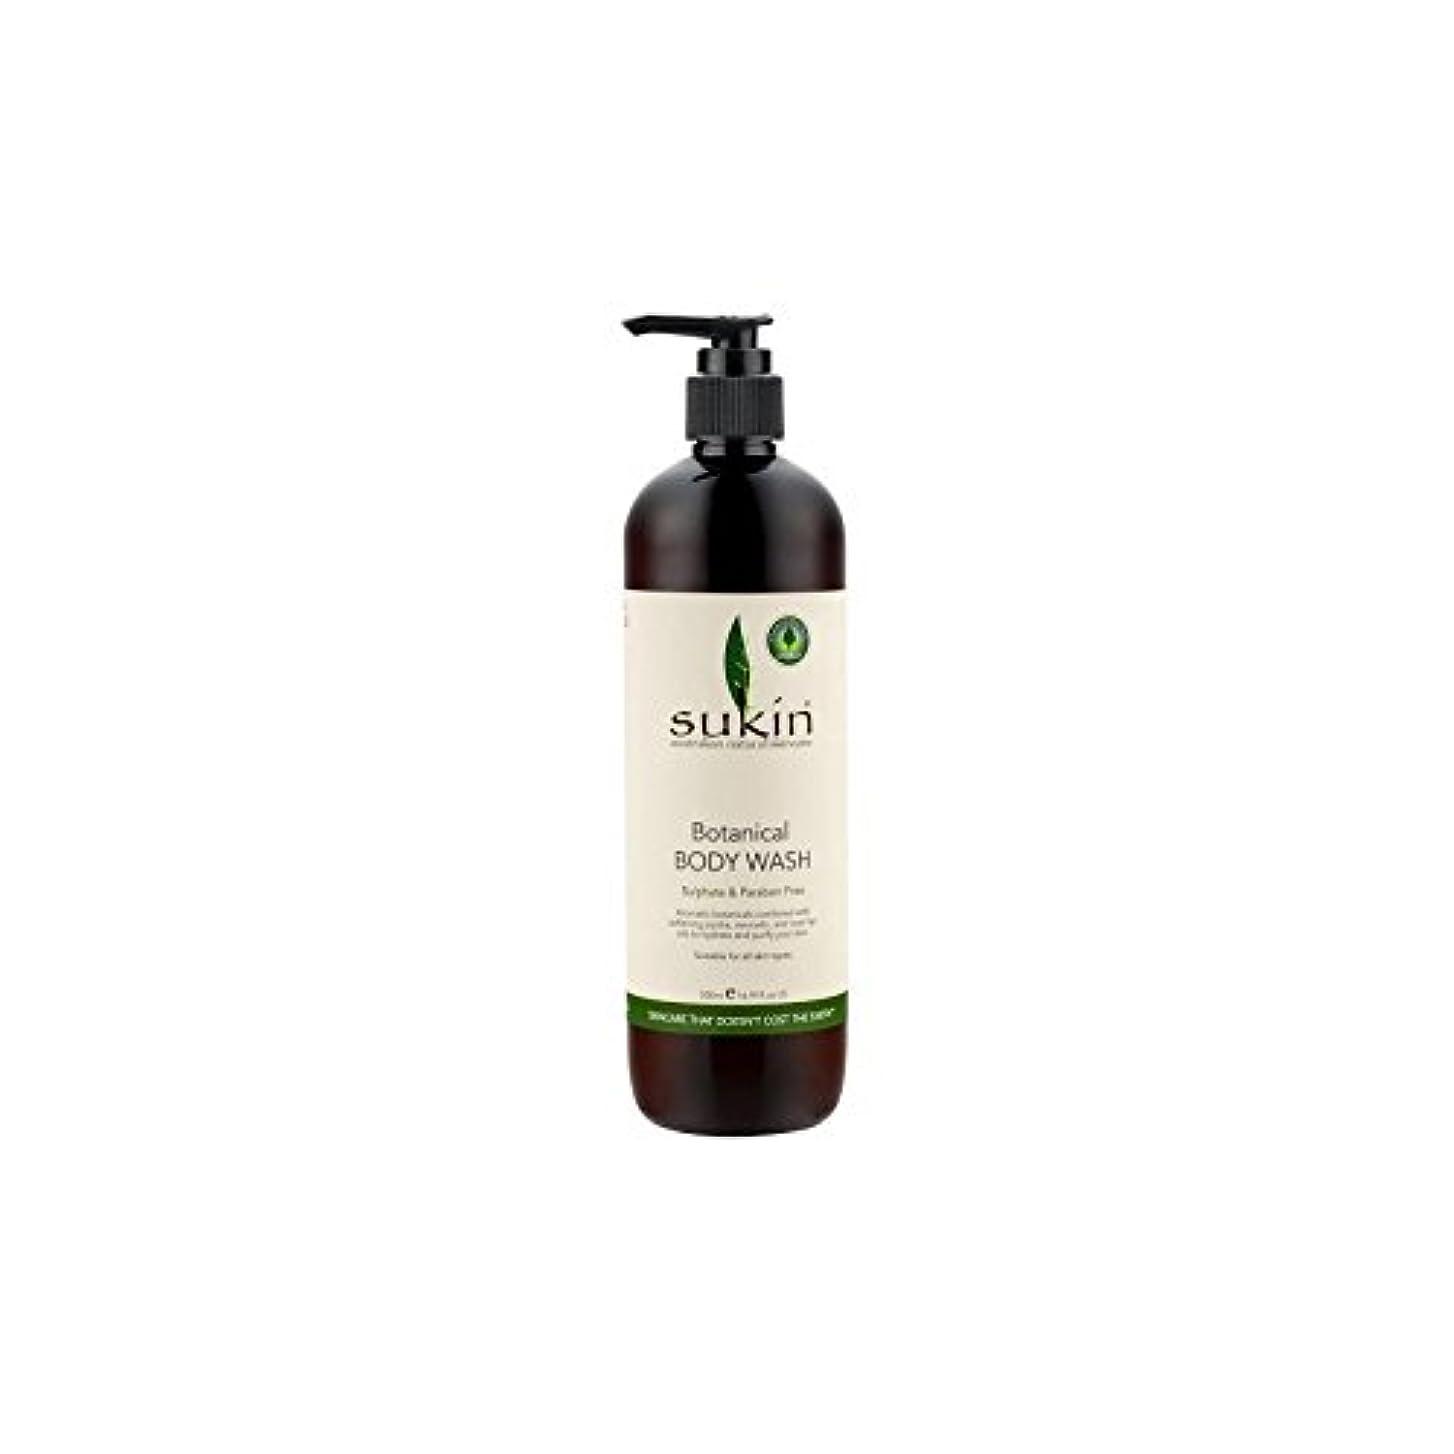 フリル最適いうSukin Botanical Body Wash (500ml) - 植物ボディウォッシュ(500ミリリットル) [並行輸入品]